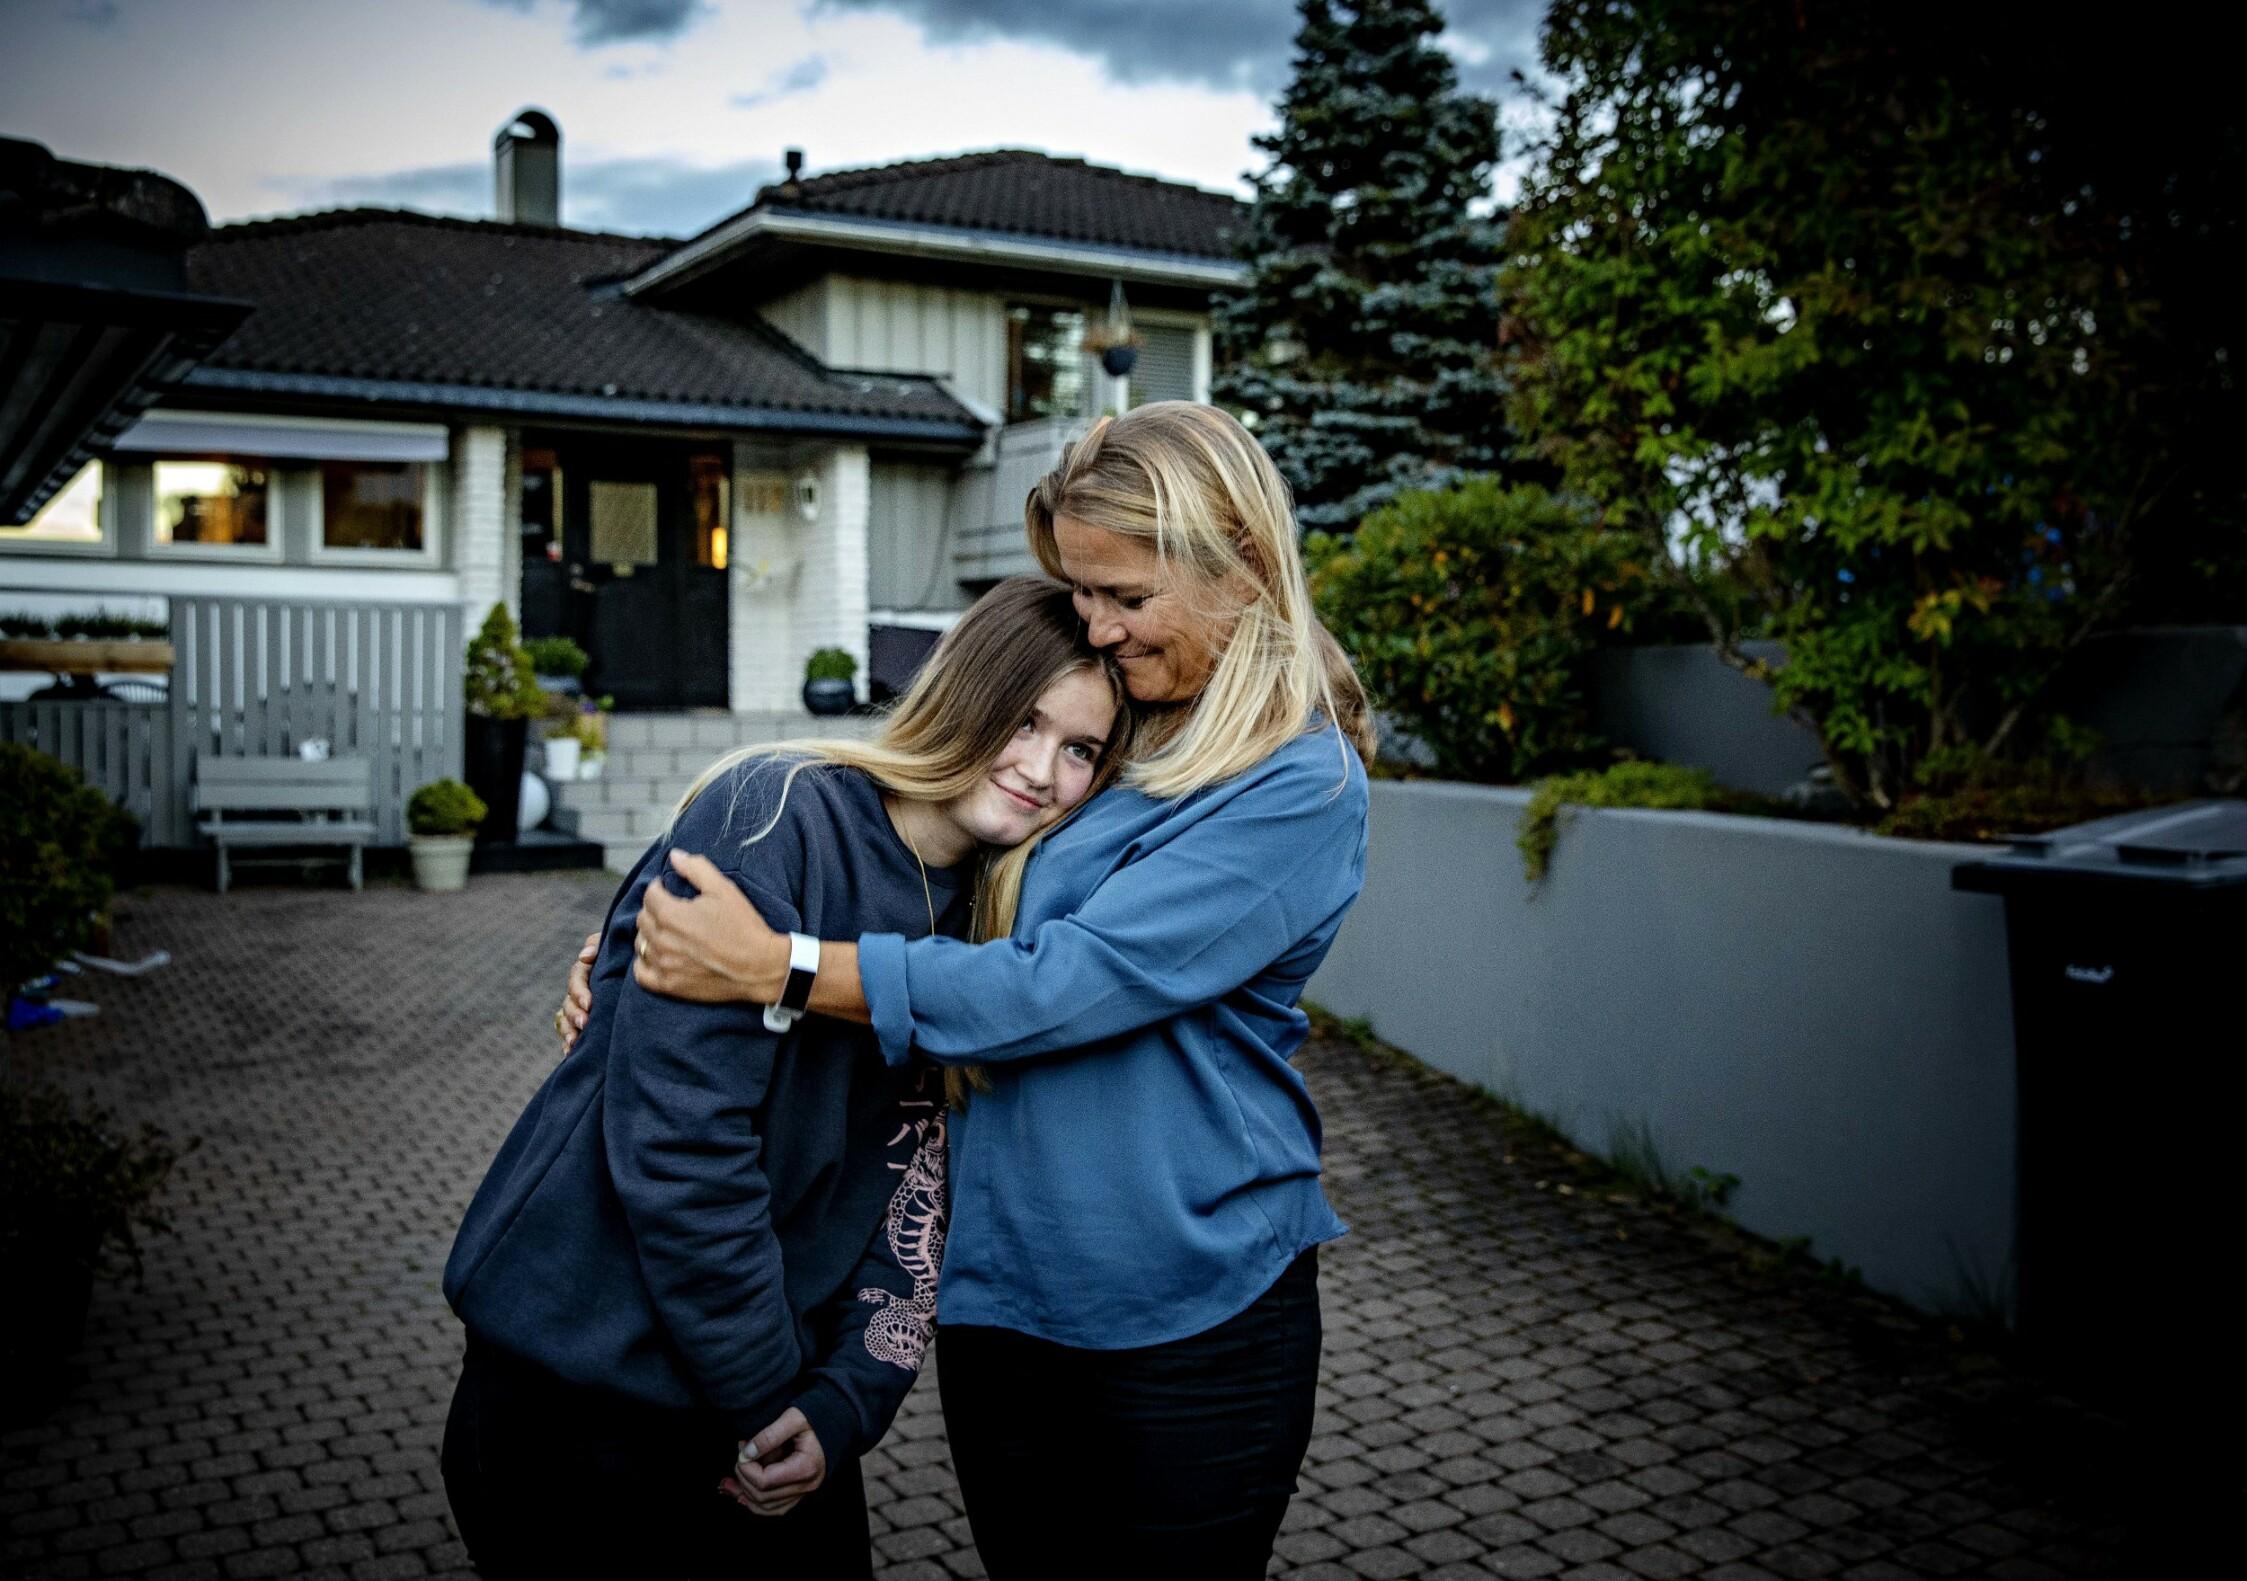 Kolbotn, 20200908. Charlotte fikk narkolepsi som følge av pandemrix vaksinen mot svineinfluensa i 2009. Møter henne sammen med moren Mari Foto: Nina Hansen / DAGBLADET